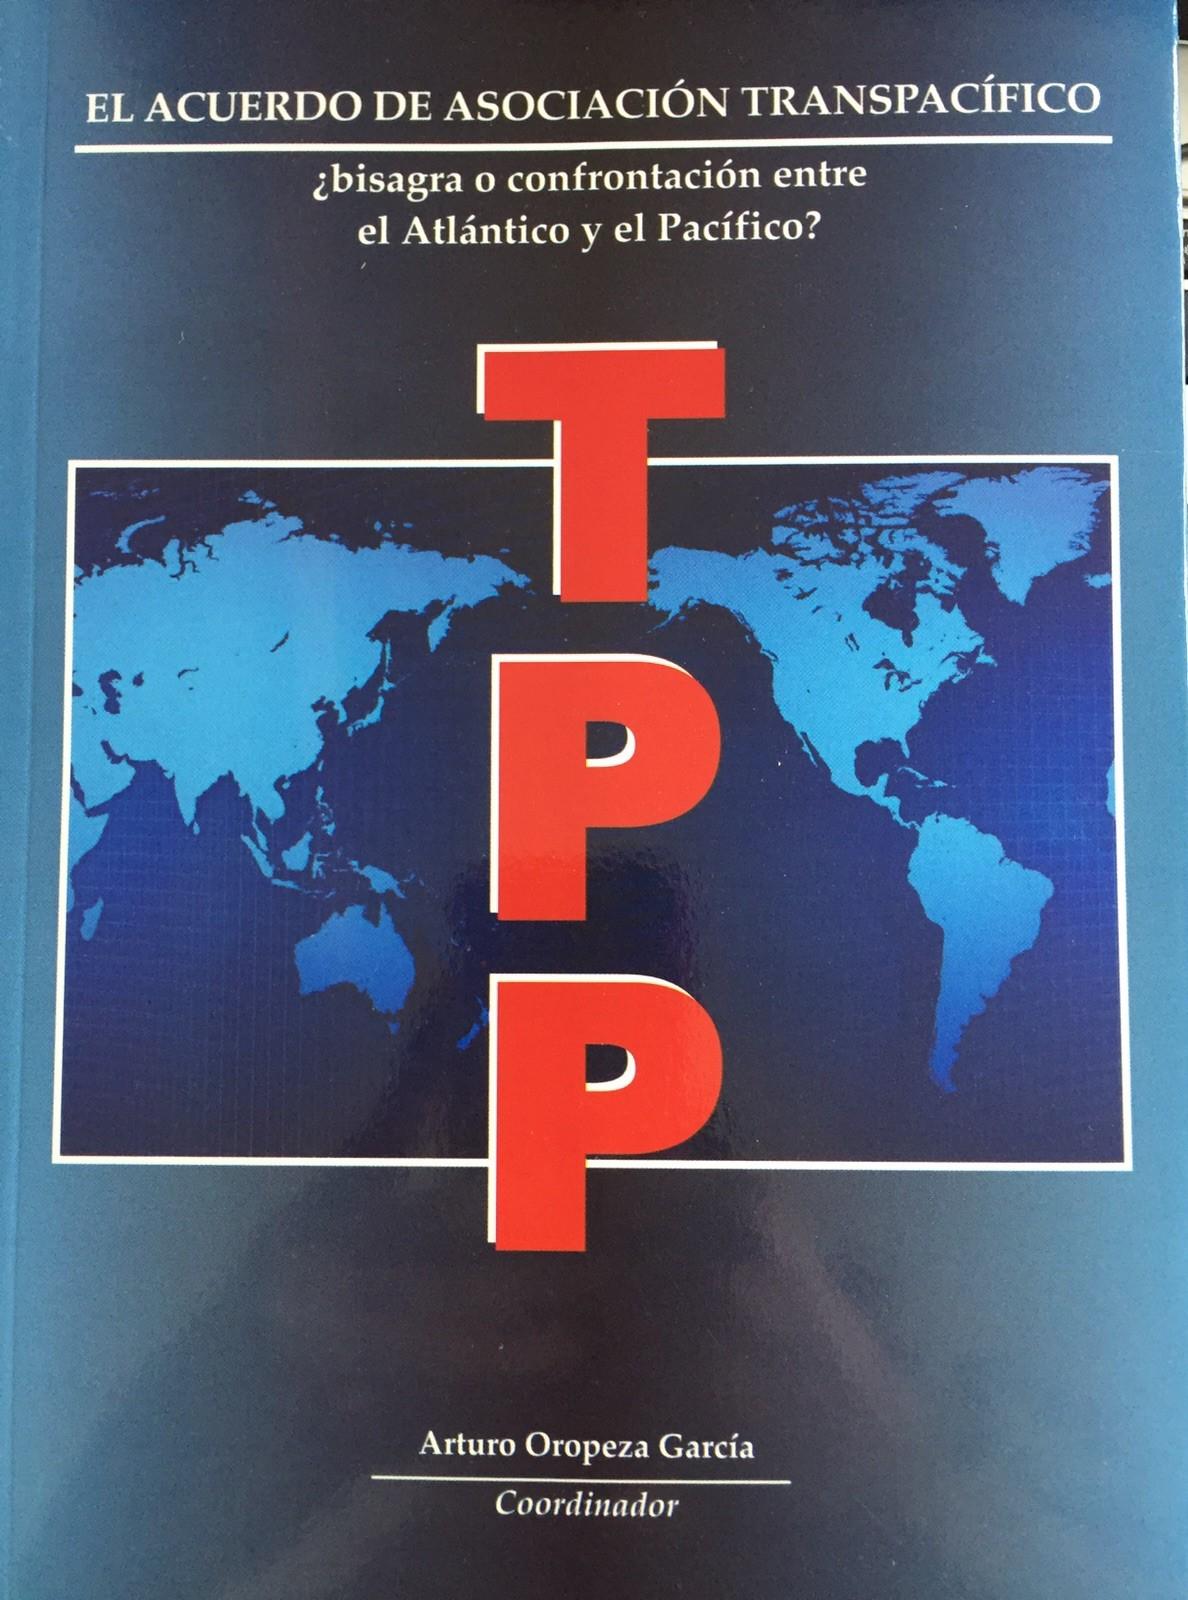 TPP_bisagra o confrontacion IIJUNAM 2013